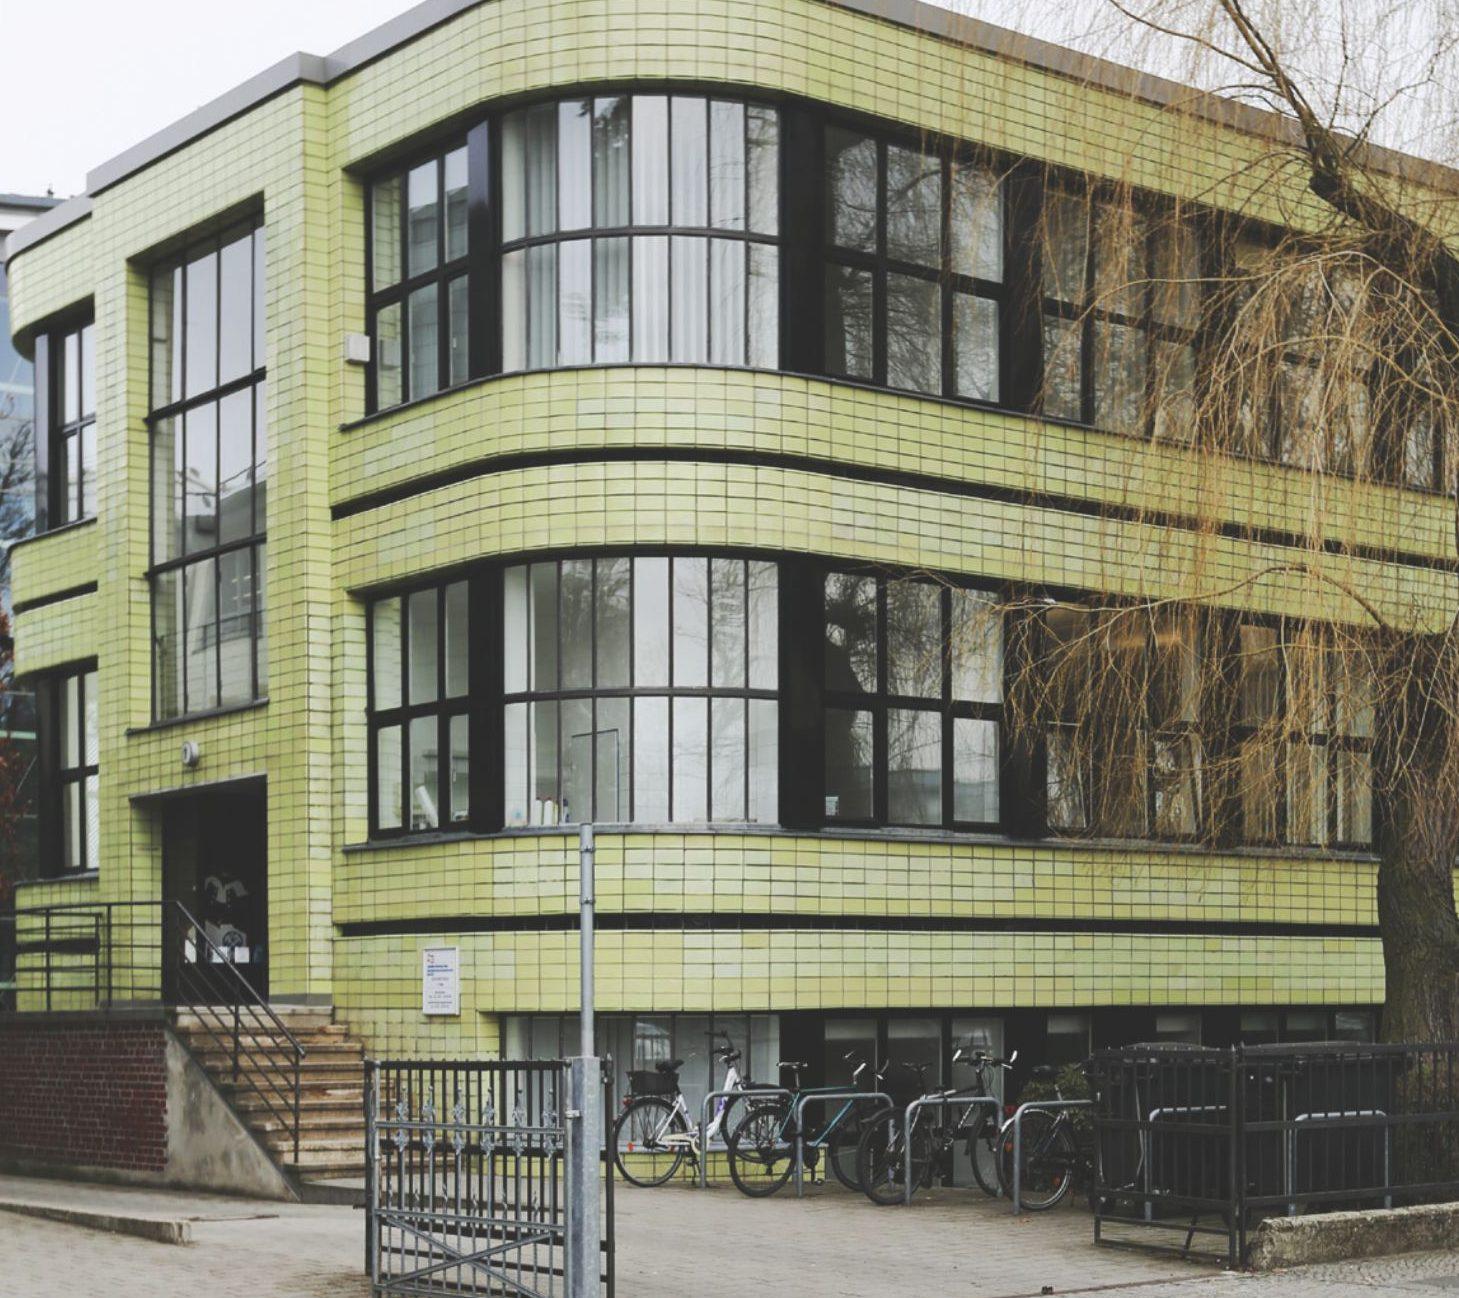 Bauhaus Architektur bauhausarchitektur kiezmagazin ferdinandmarkt